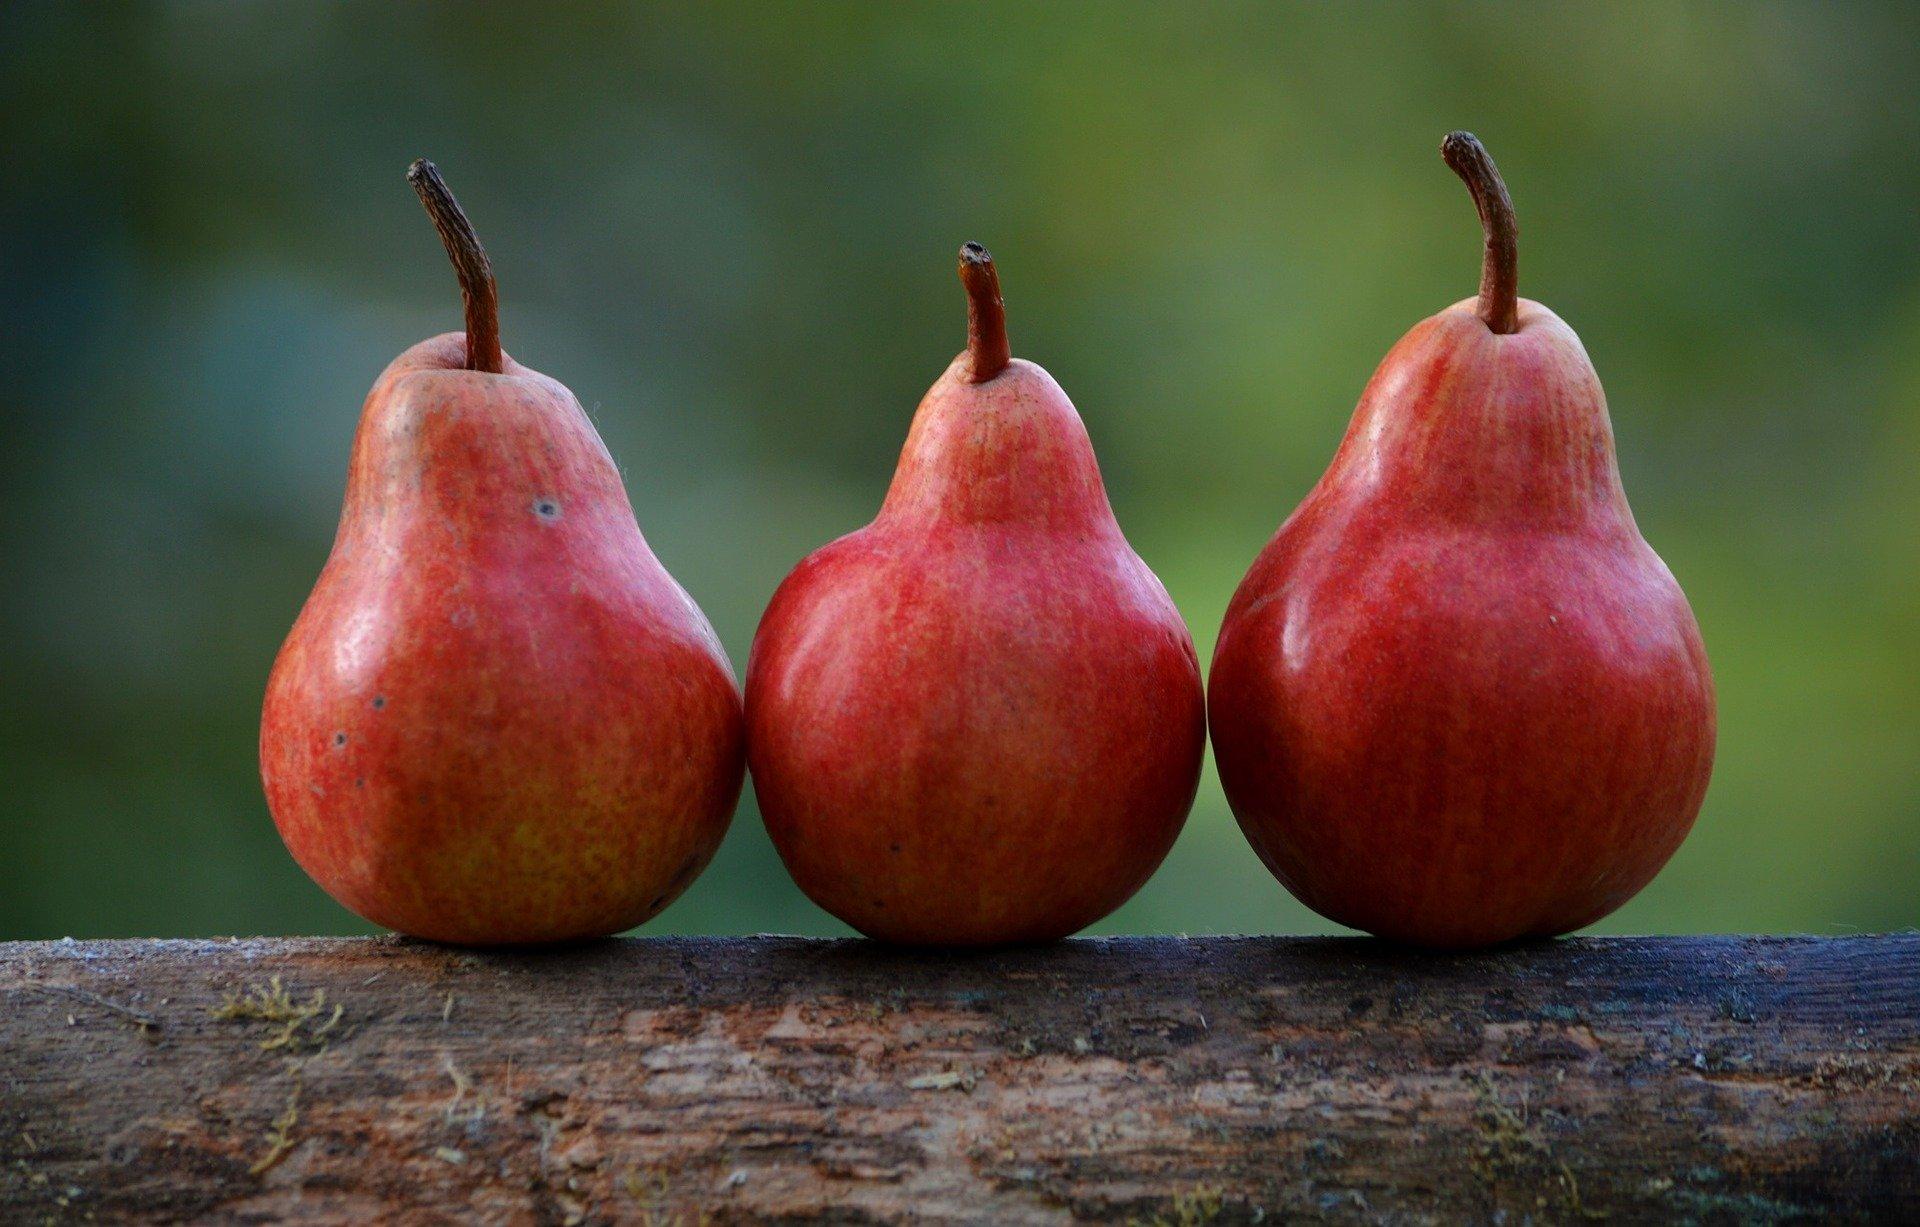 Fruits High in Fiber